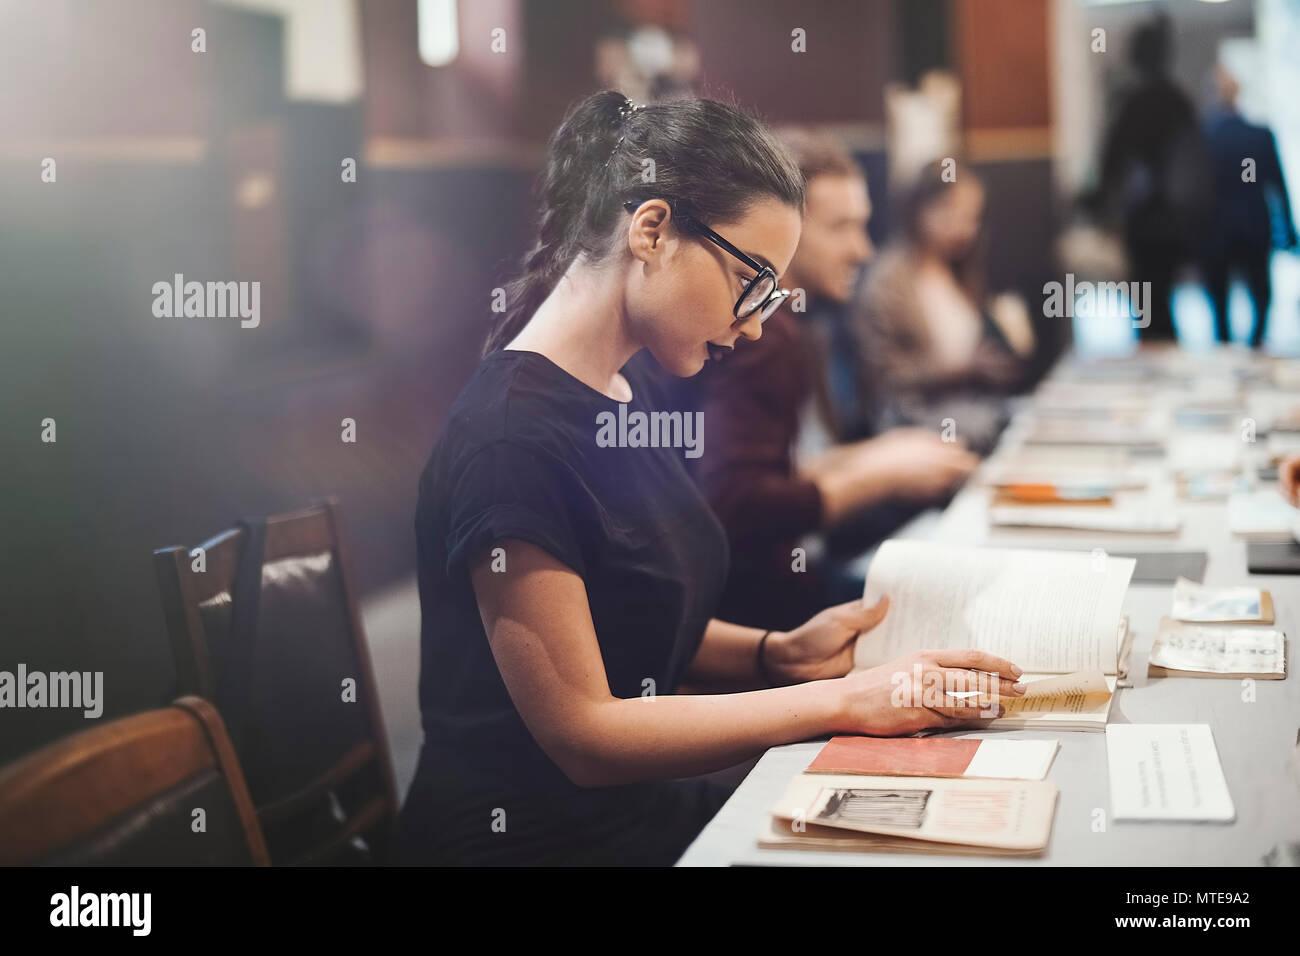 Junge brünette Mädchen mit Brille und schwarzen Lippenstift lesen Buch Stockbild